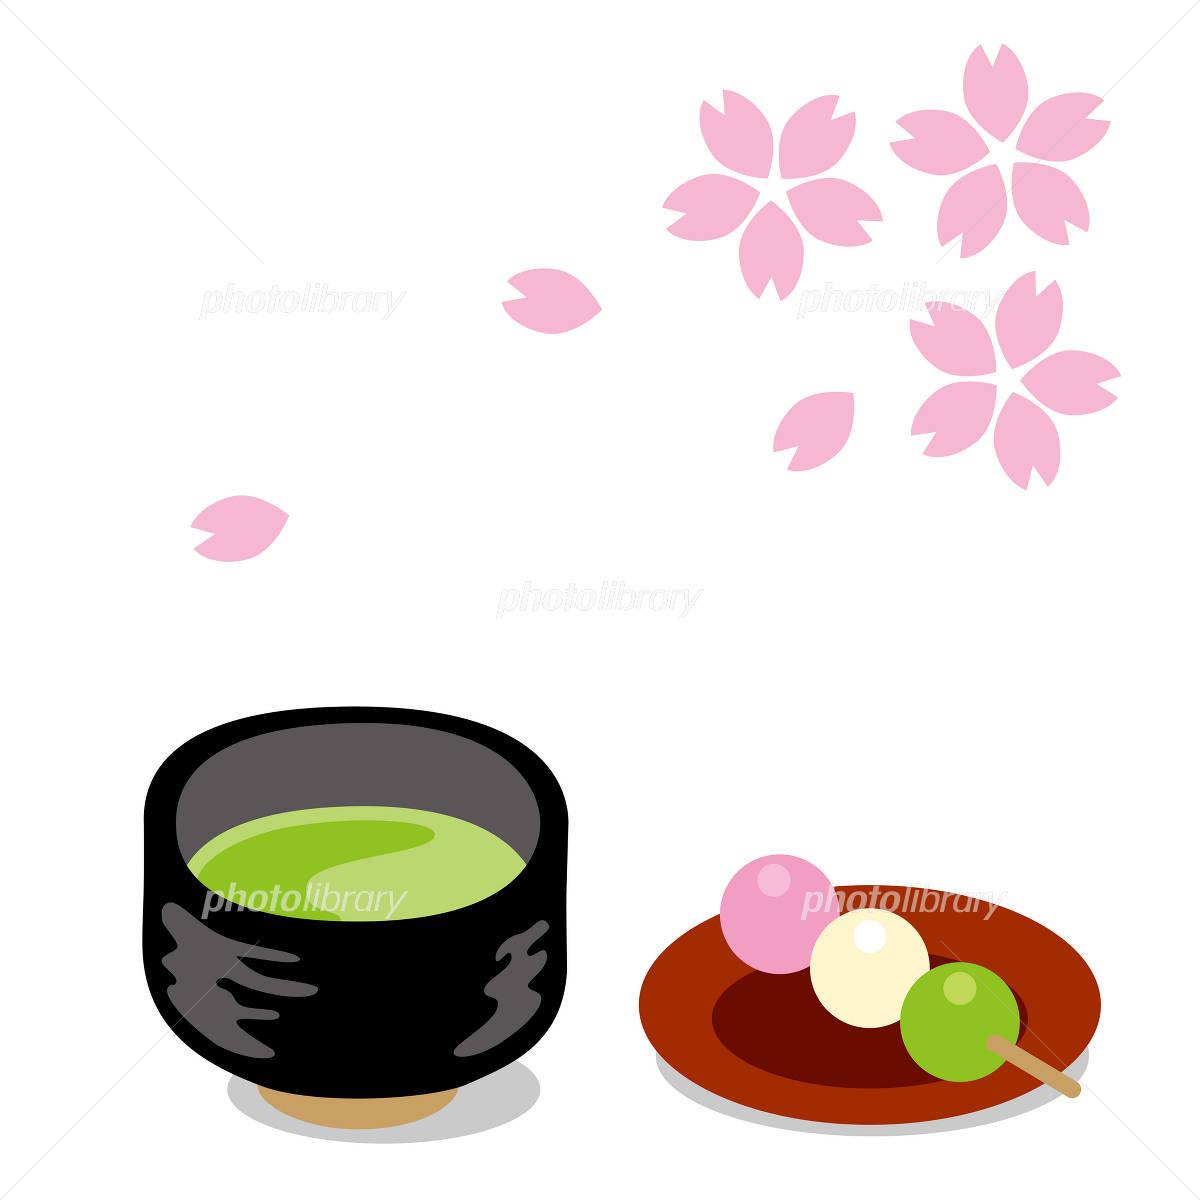 抹茶とだんご イラスト素材 2442538 フォトライブラリー Photolibrary